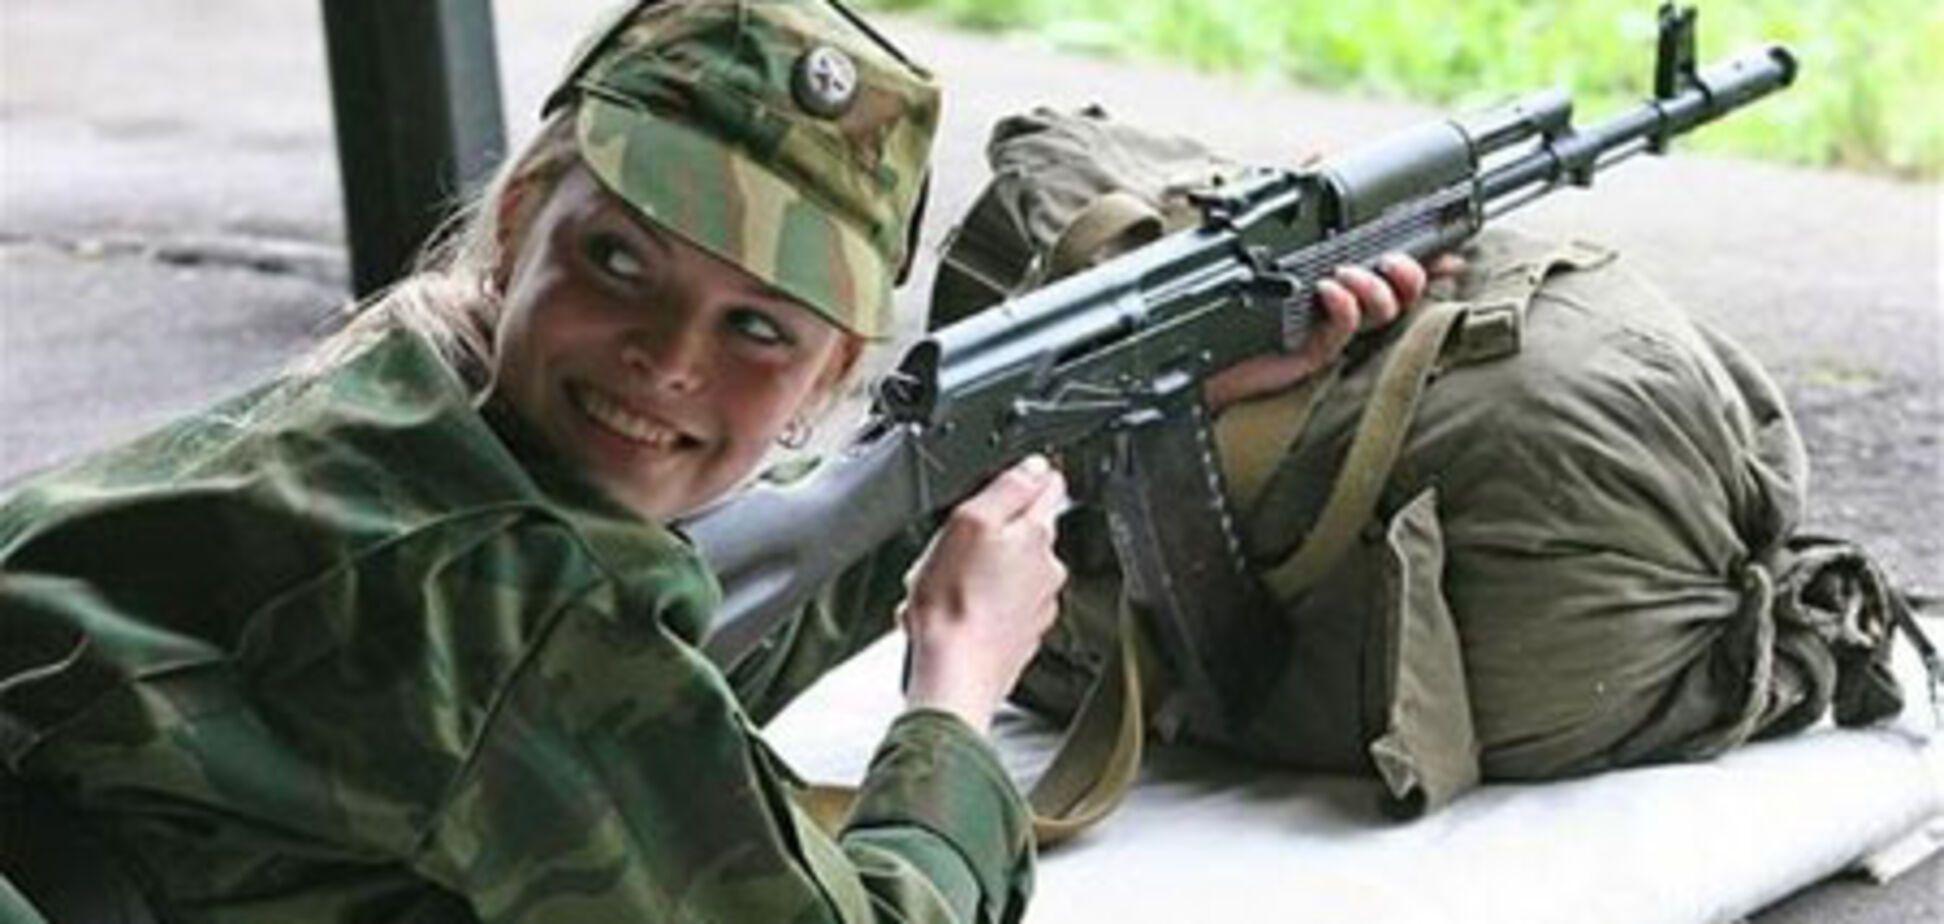 Вибираємо Міс російська армія. Команду 'лягай' не розуміє